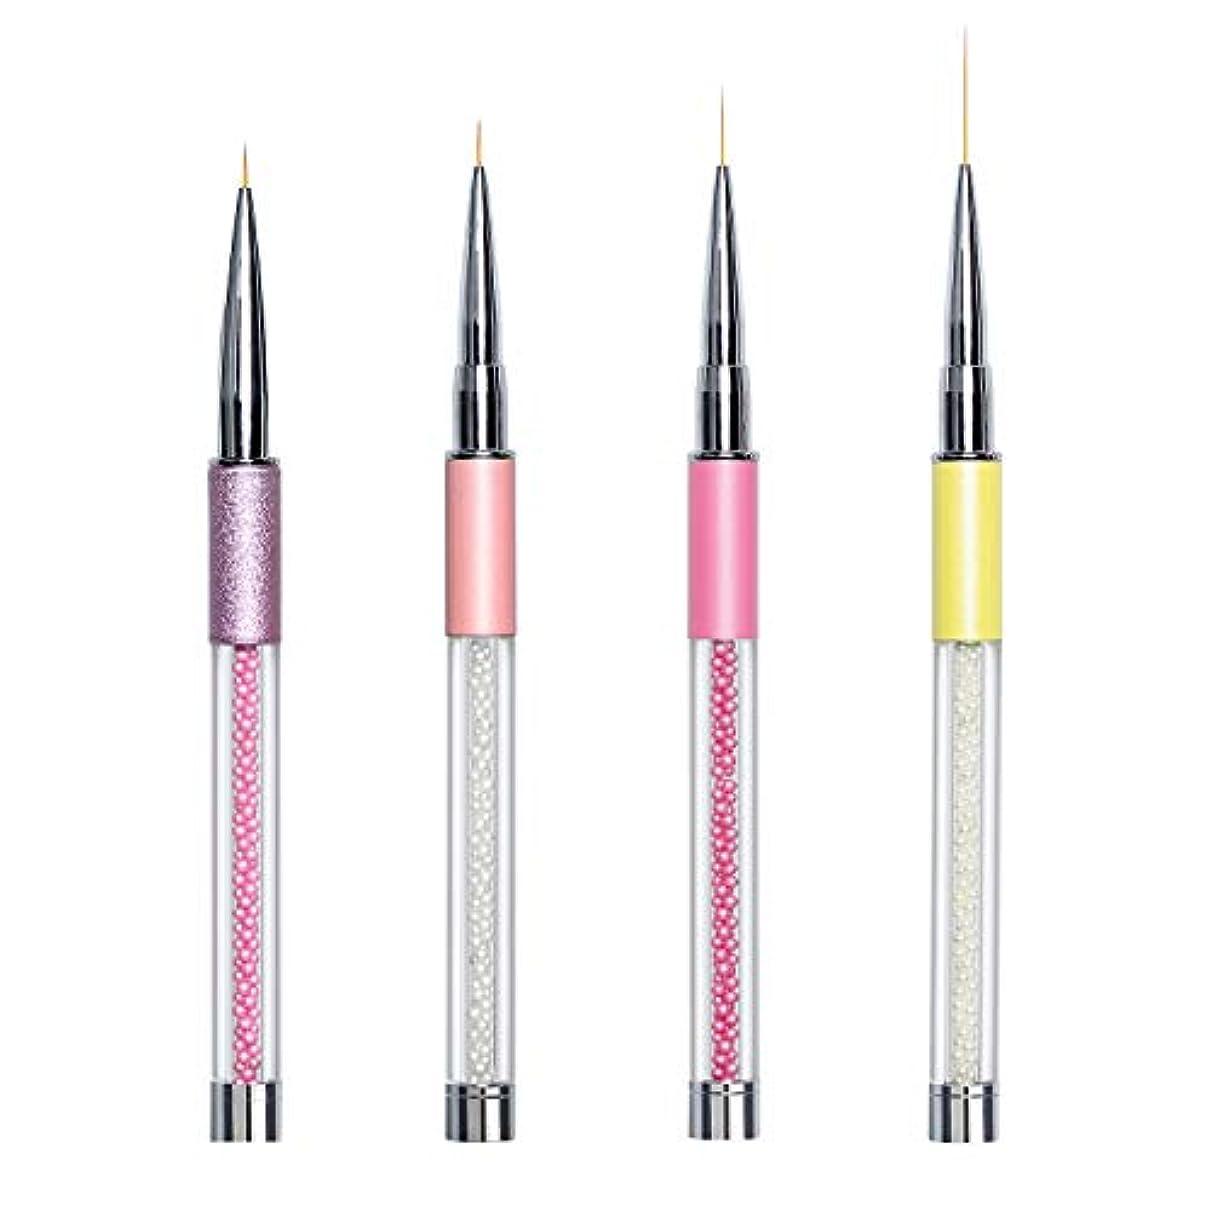 明らかにする食い違い写真のZhichengbosi ネールアートペン ネールブラシセット マニキュアツールキット 高品質 ネイルデザイン ドットペン 4本セット(細いセット)